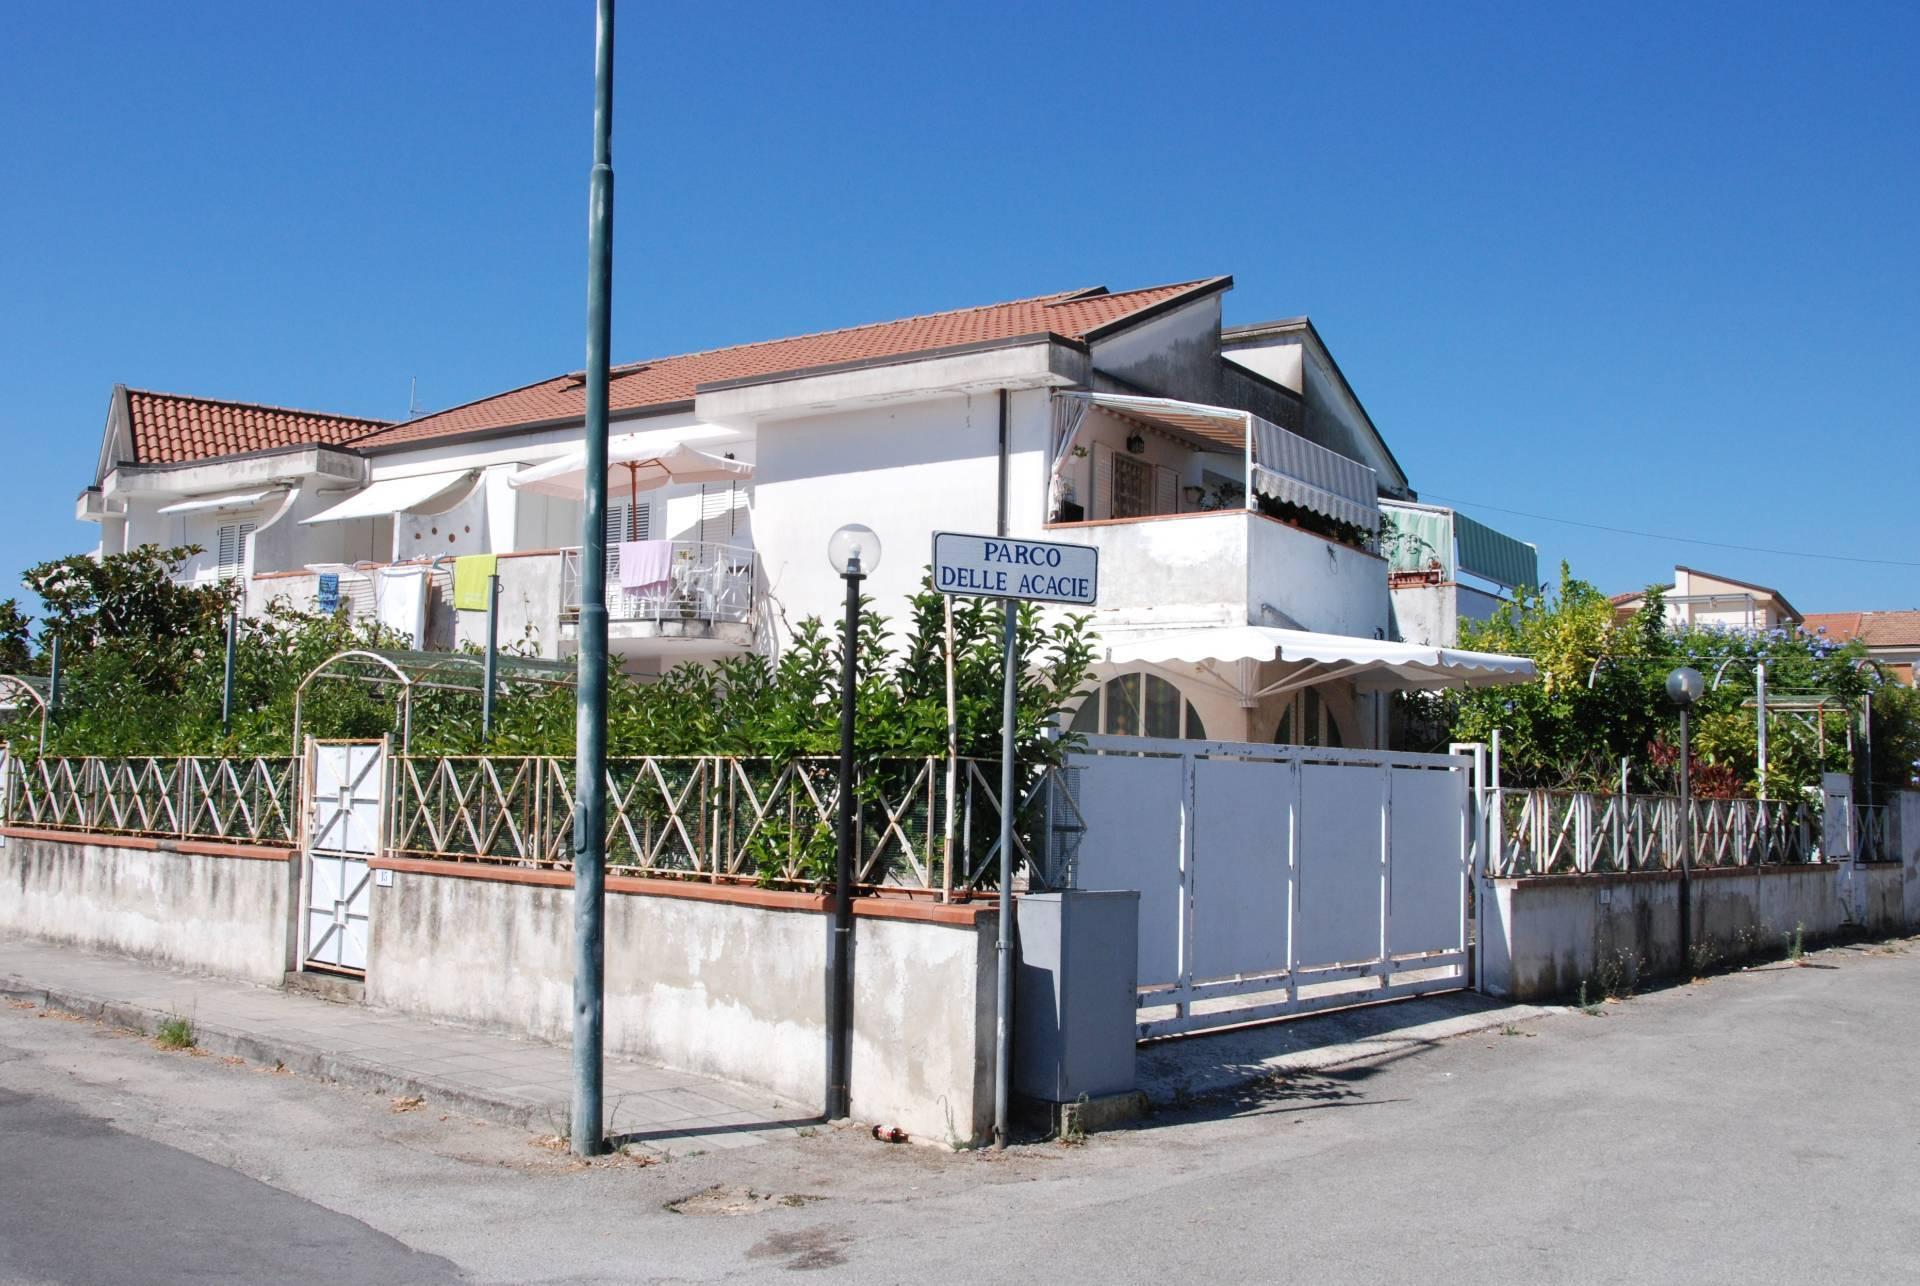 Appartamento in vendita a Casal Velino, 3 locali, zona Località: MarinadiCasalVelino, prezzo € 120.000 | CambioCasa.it